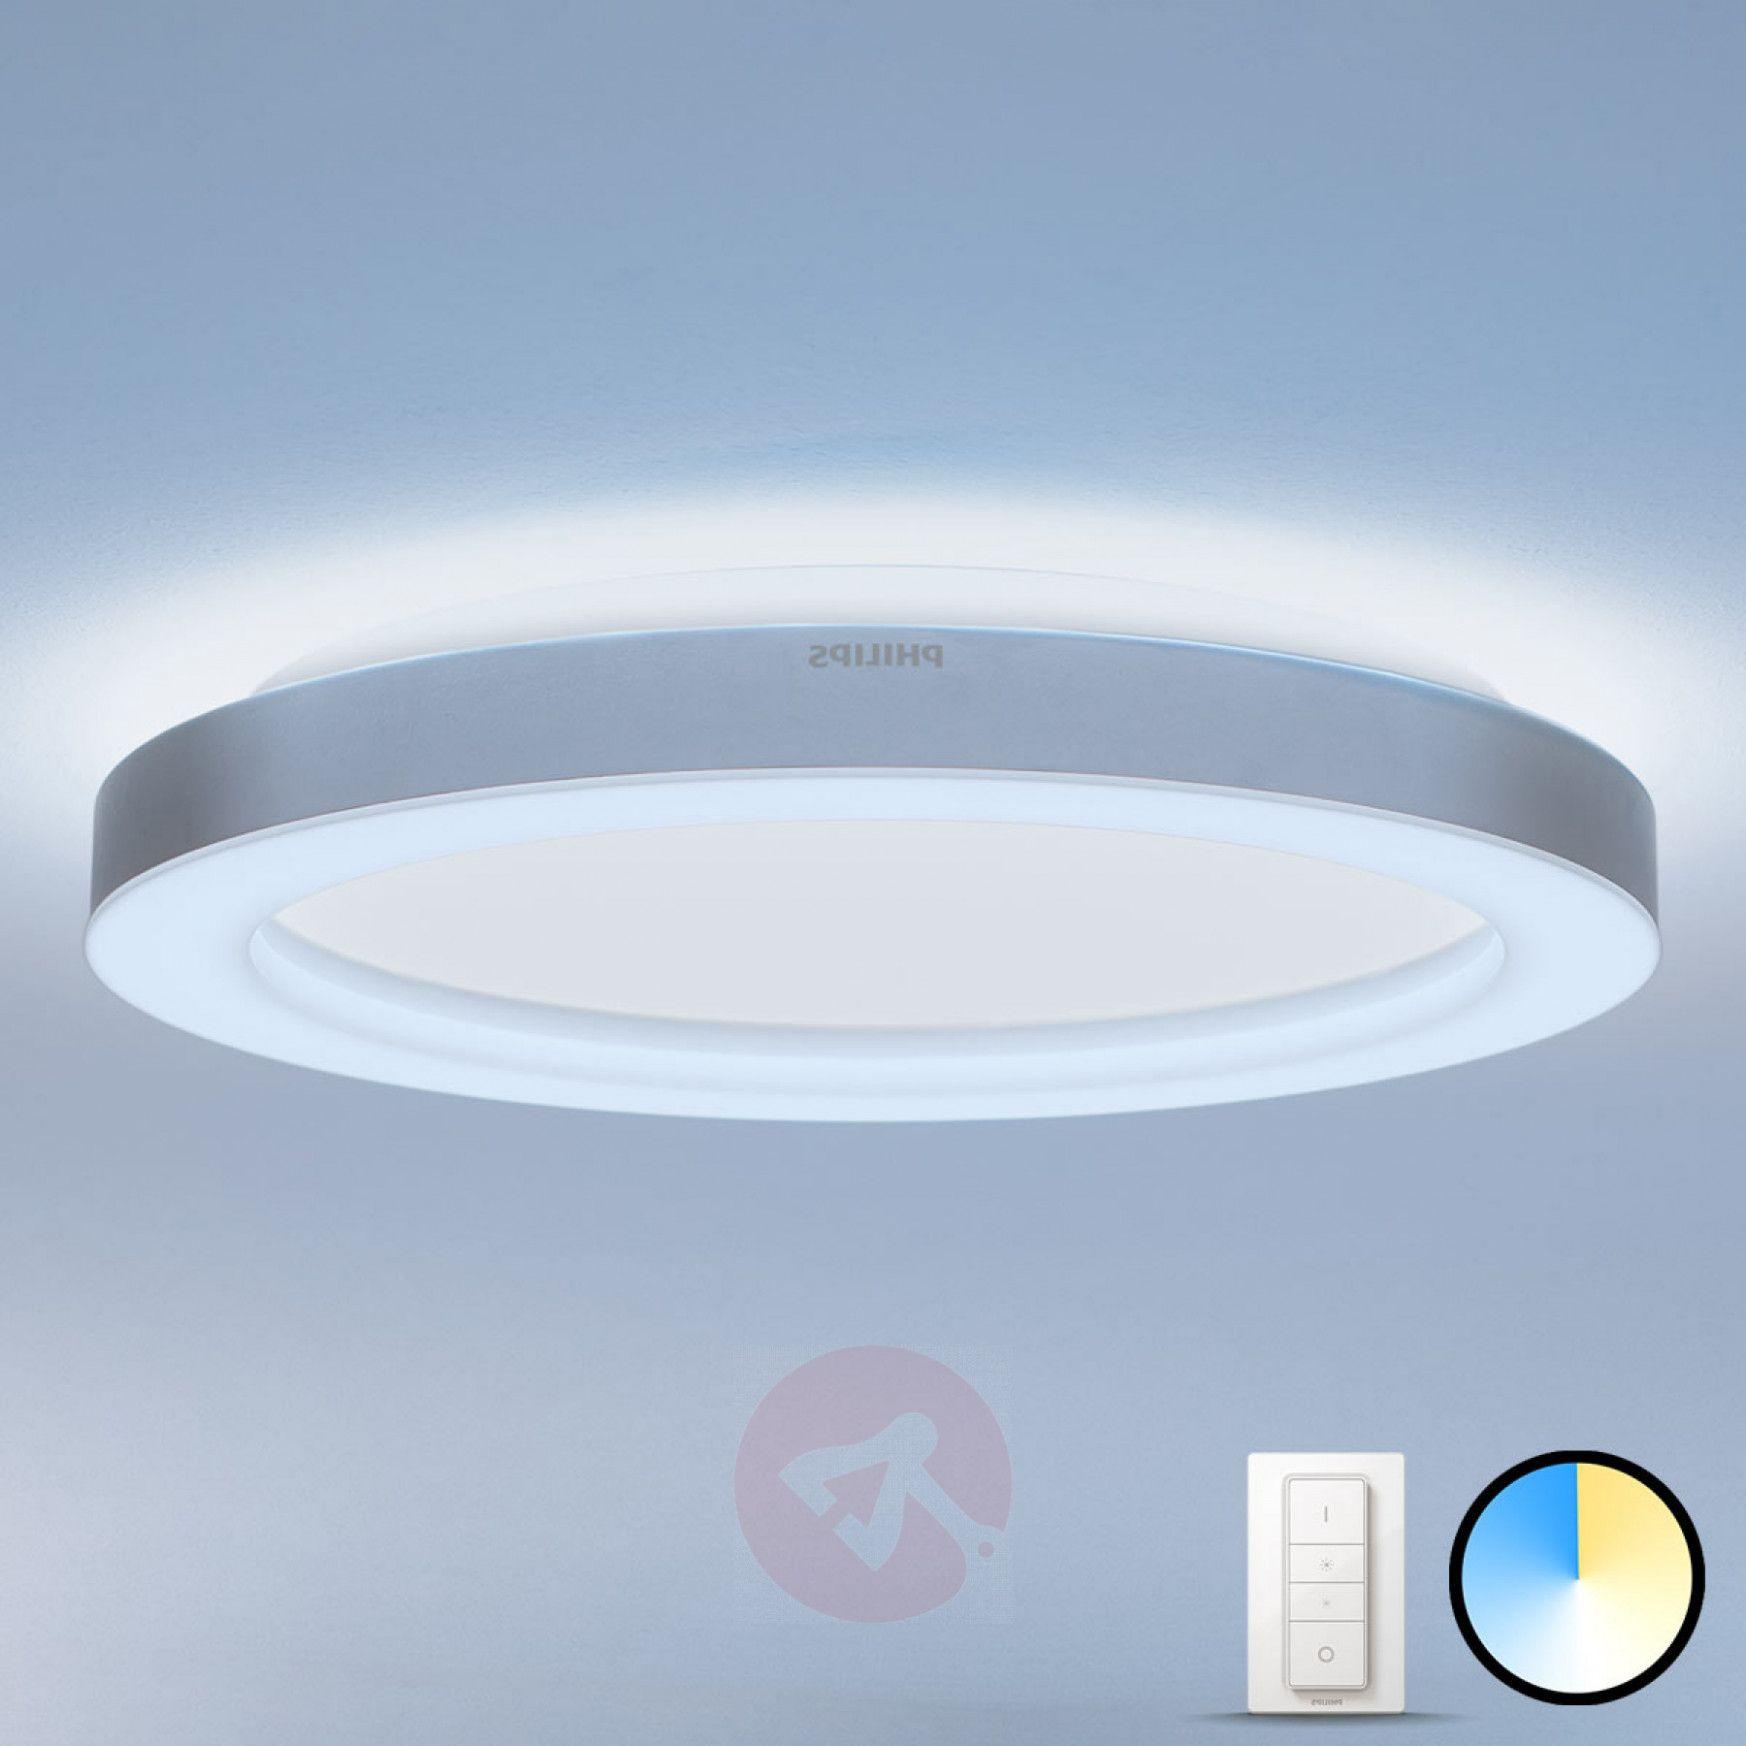 Wie Man Einen Fantastischen Farbton Hat Badezimmer Lampe Mit Minimalem Aufwand Badezimmer Ideen Kit Homes Hue Philips Philips Led